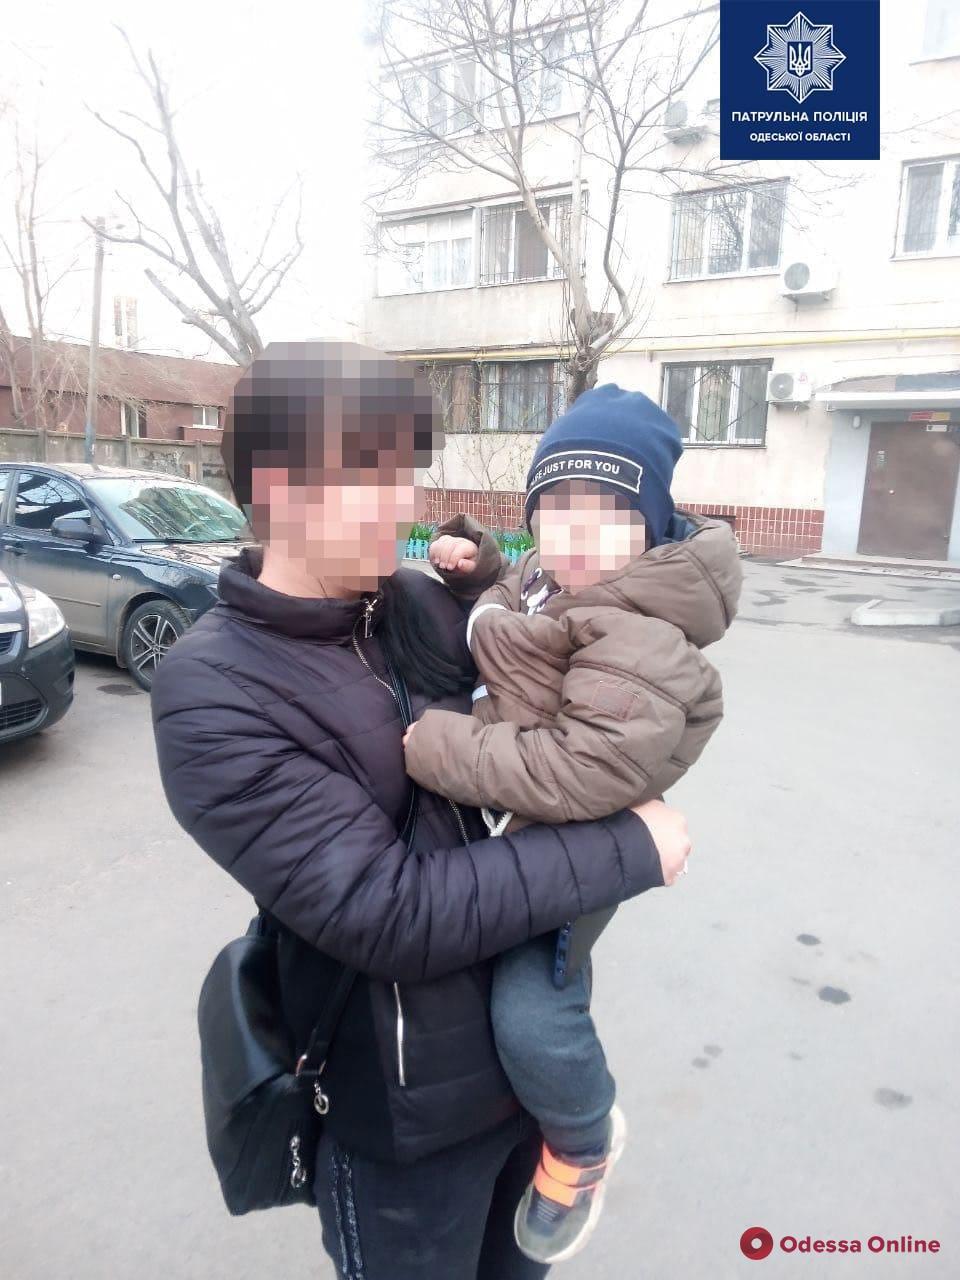 Одесские патрульные вернули домой потерявшегося мальчика